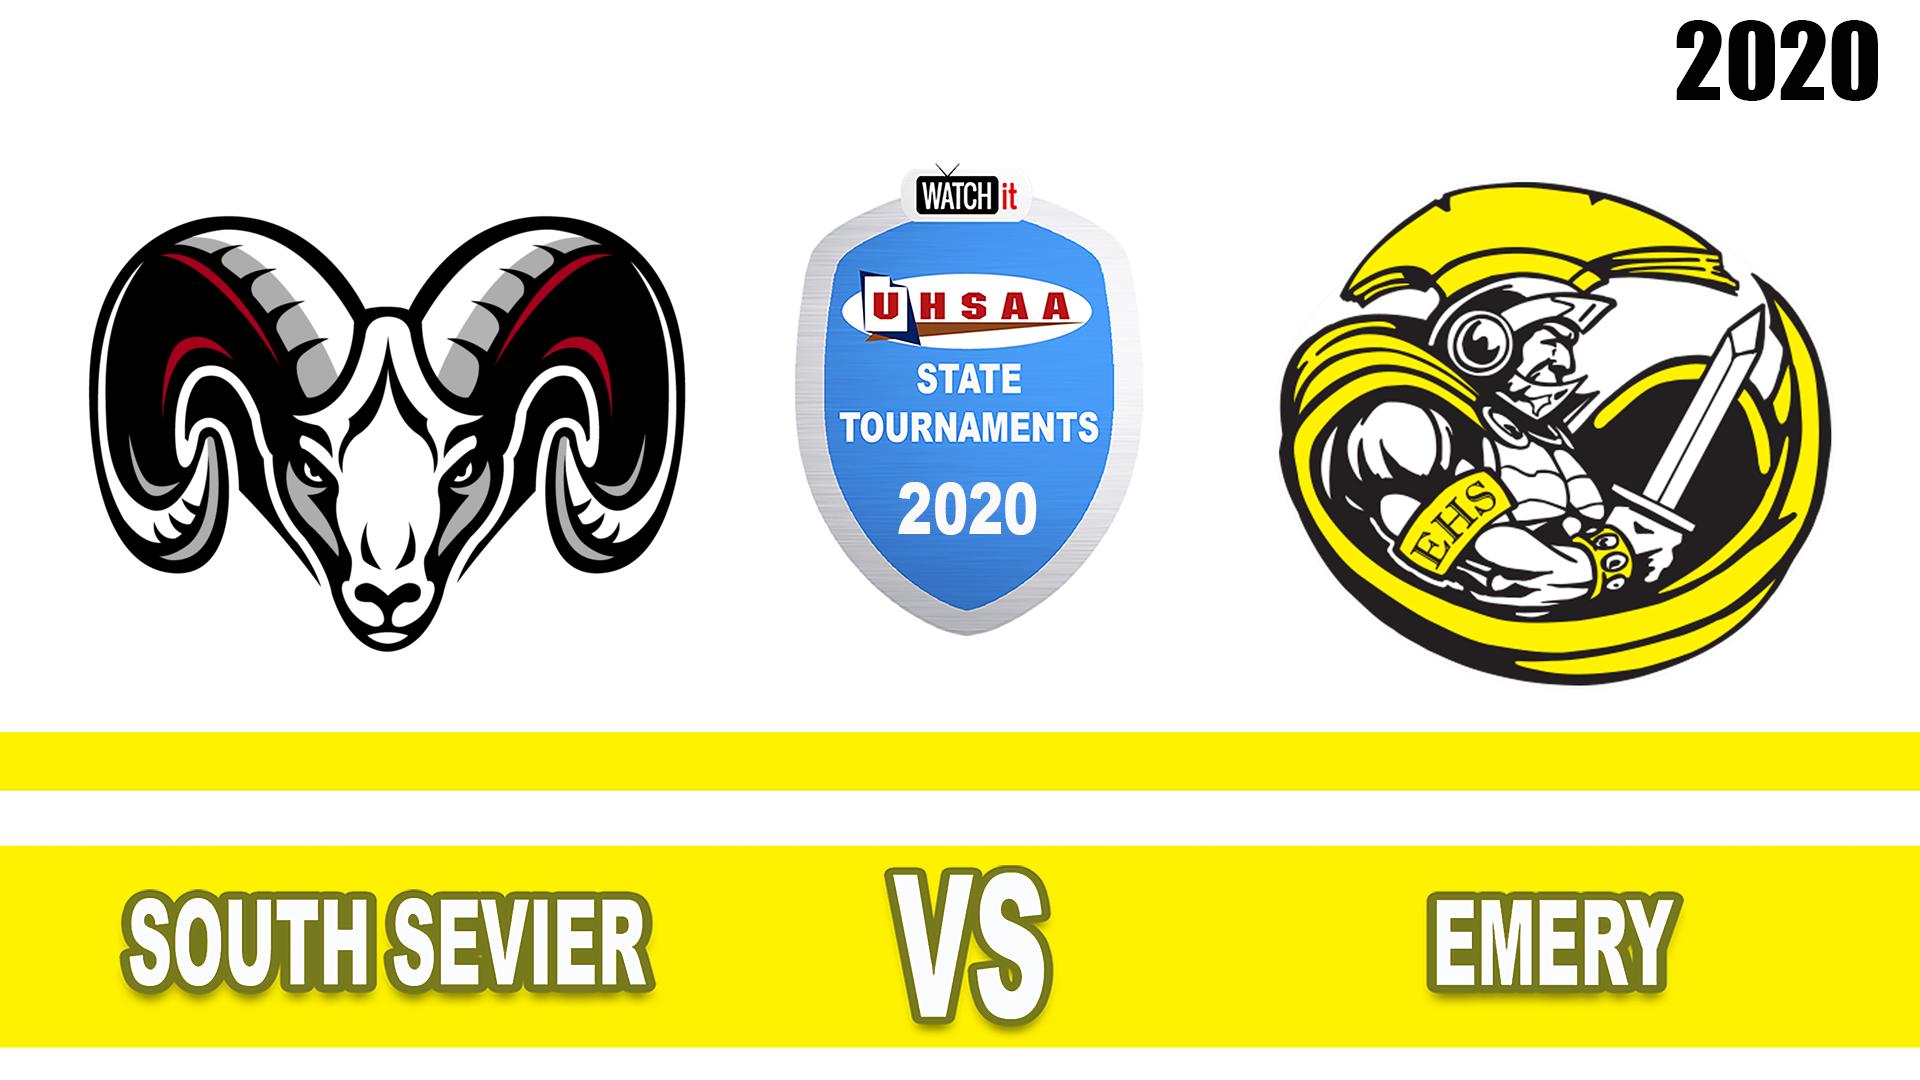 South Sevier vs Emery